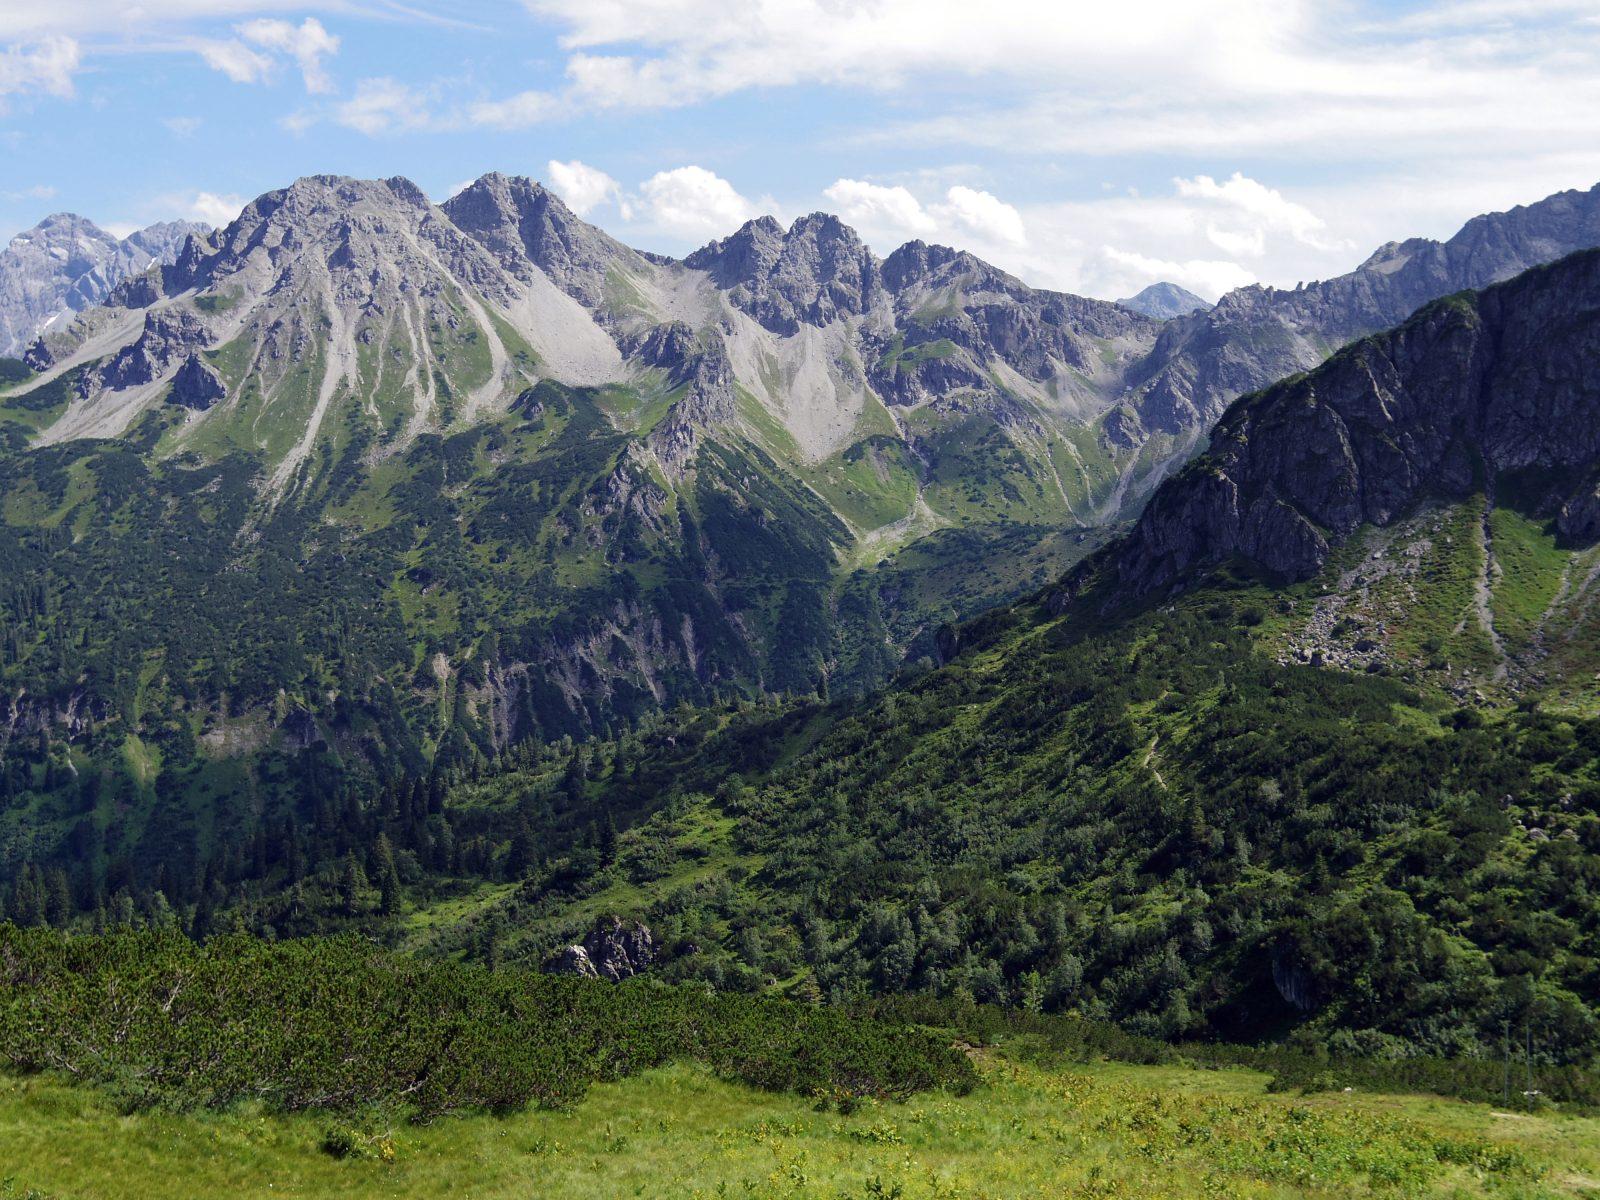 Die Bergwelt in den Allgäuer Hochalpen